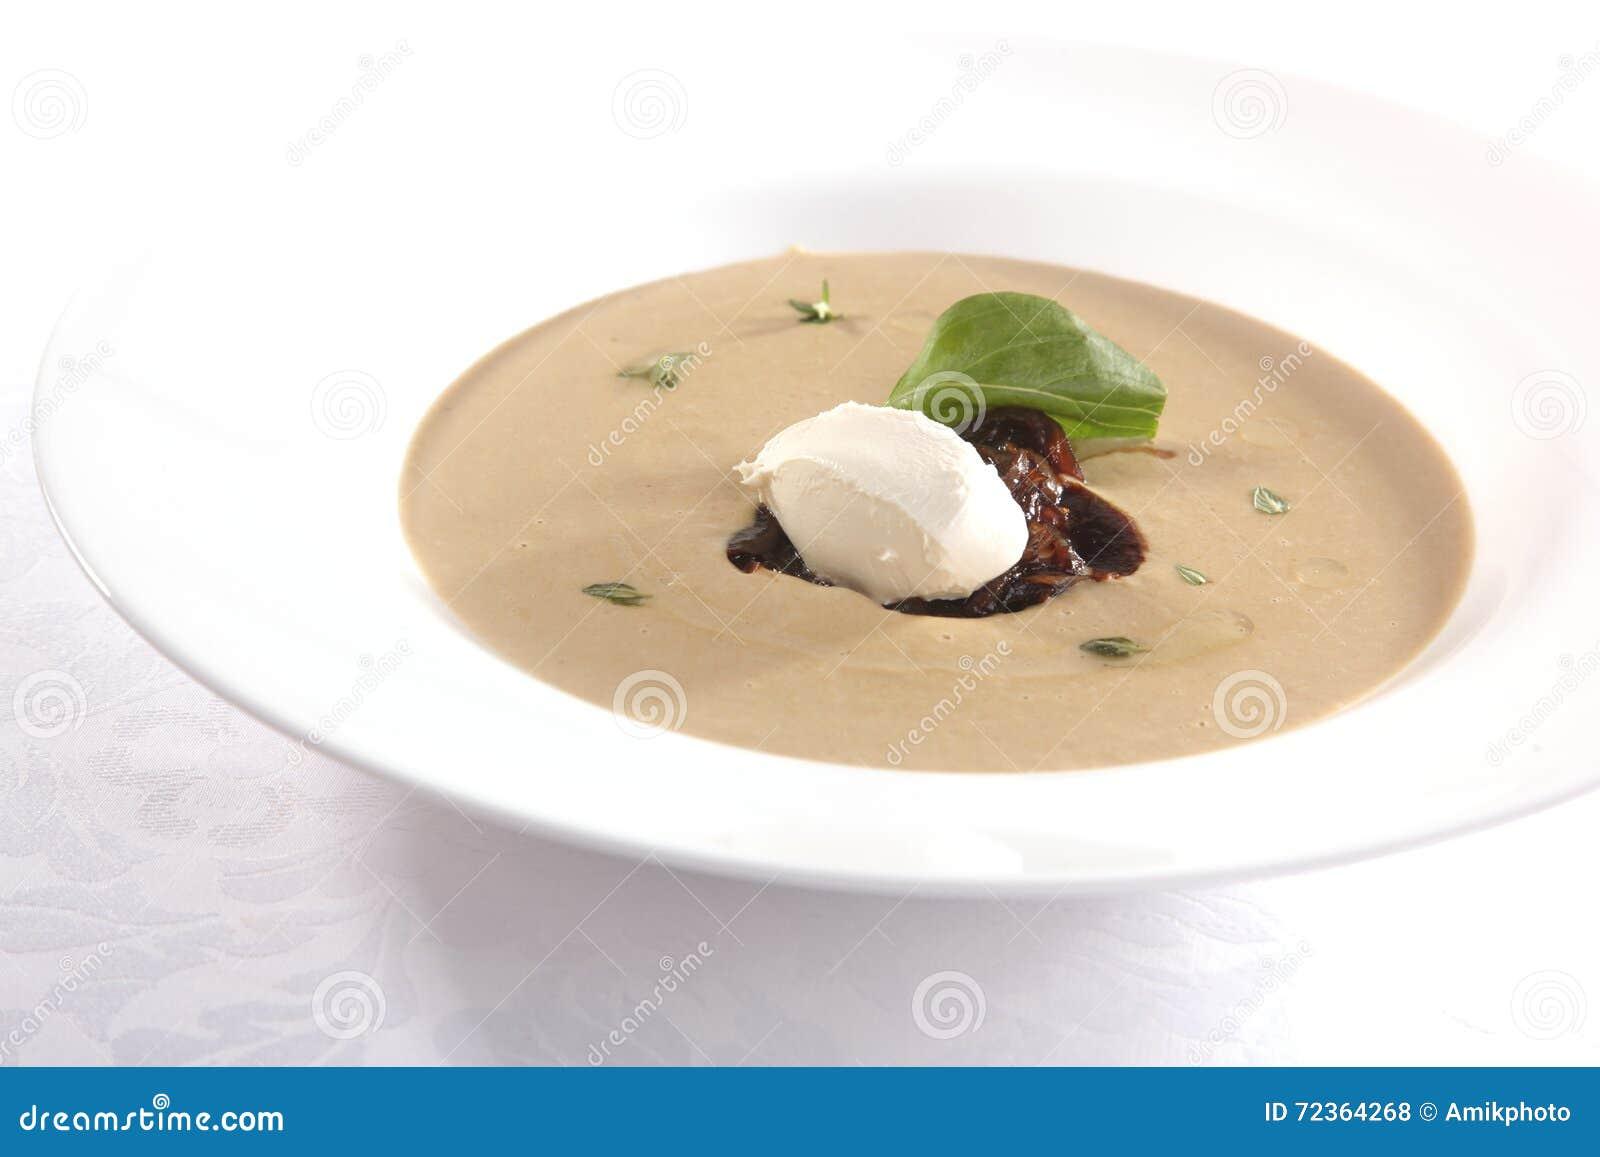 提取乳脂酸的汤